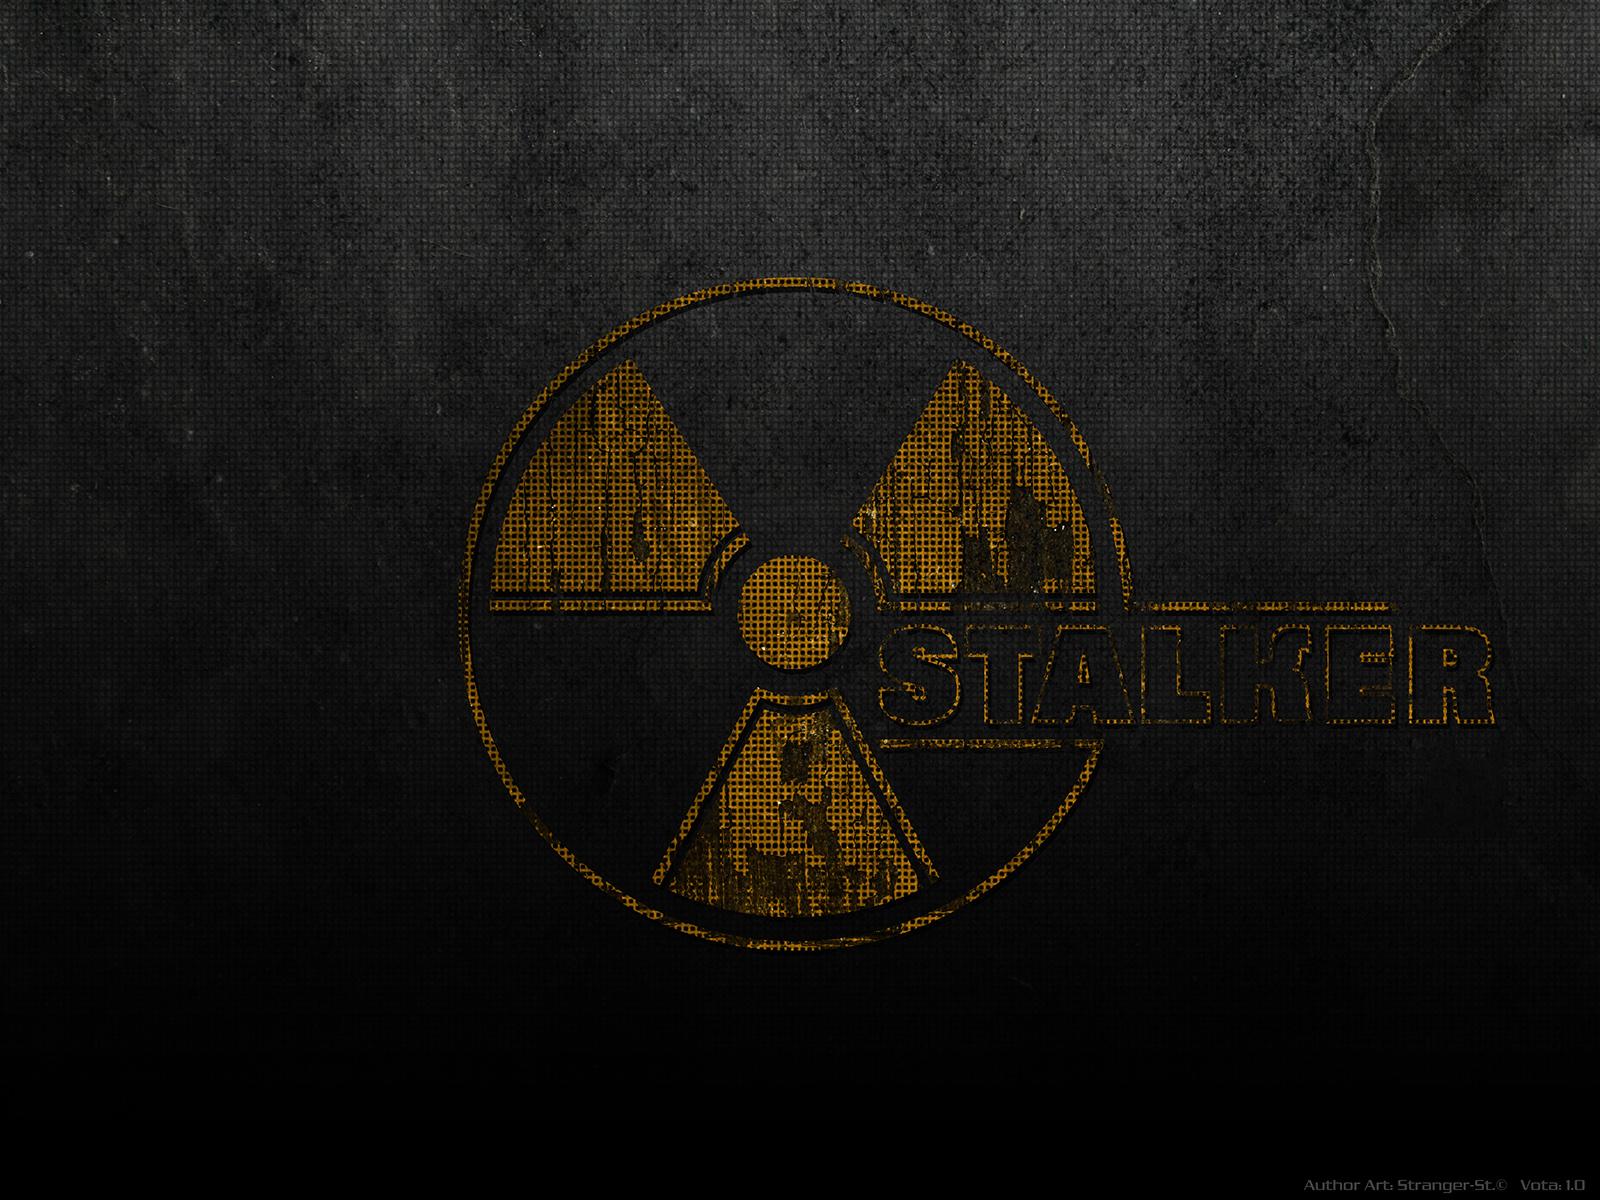 радиация обои для рабочего стола, скачать